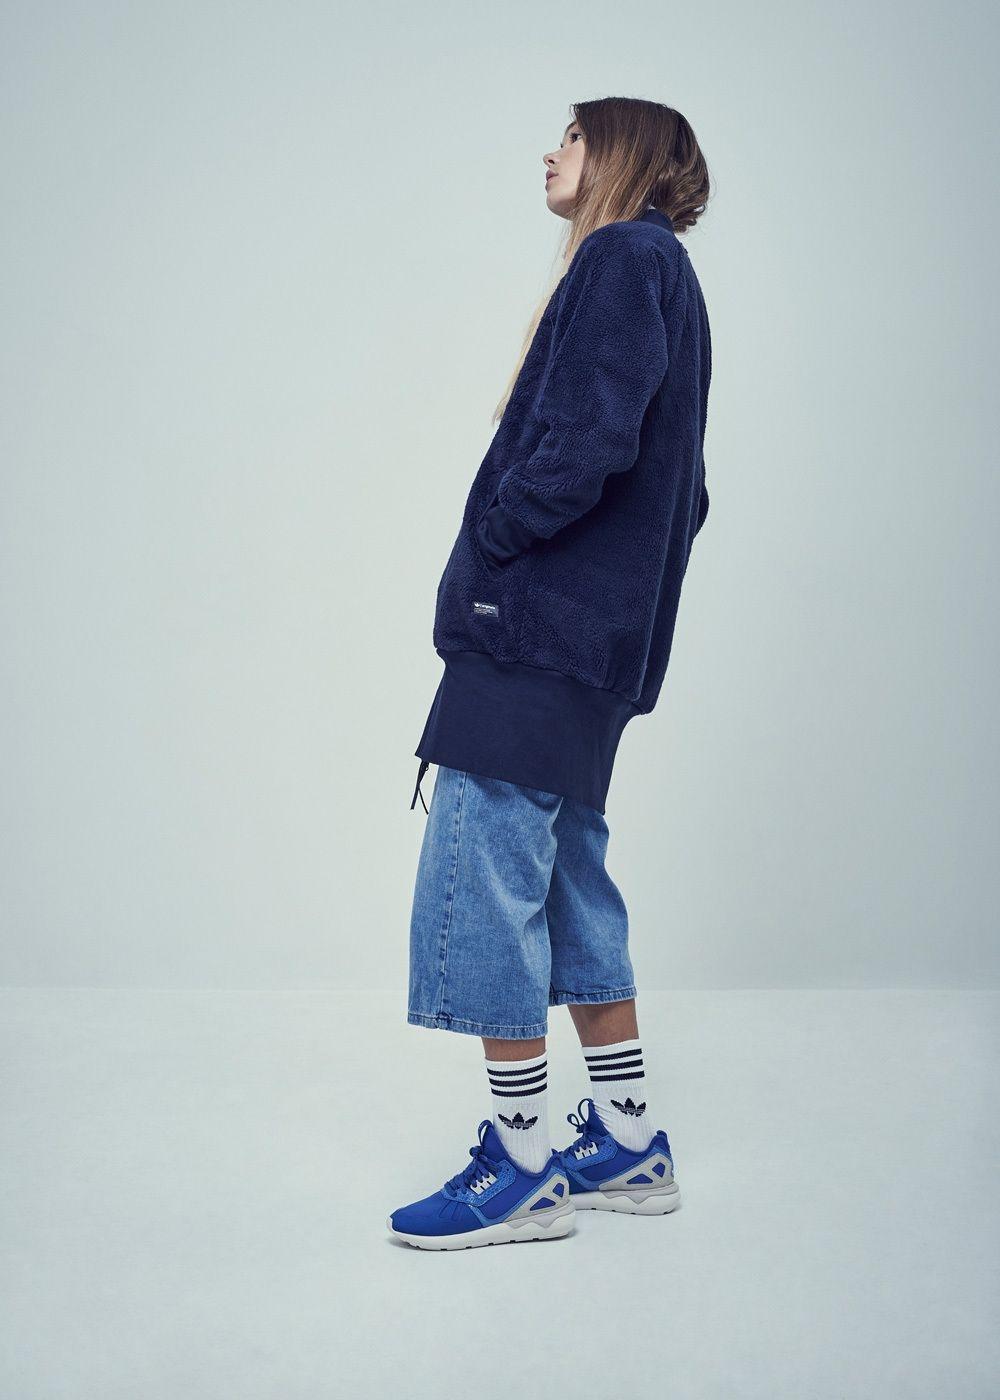 Adidas Tubular X With Jeans